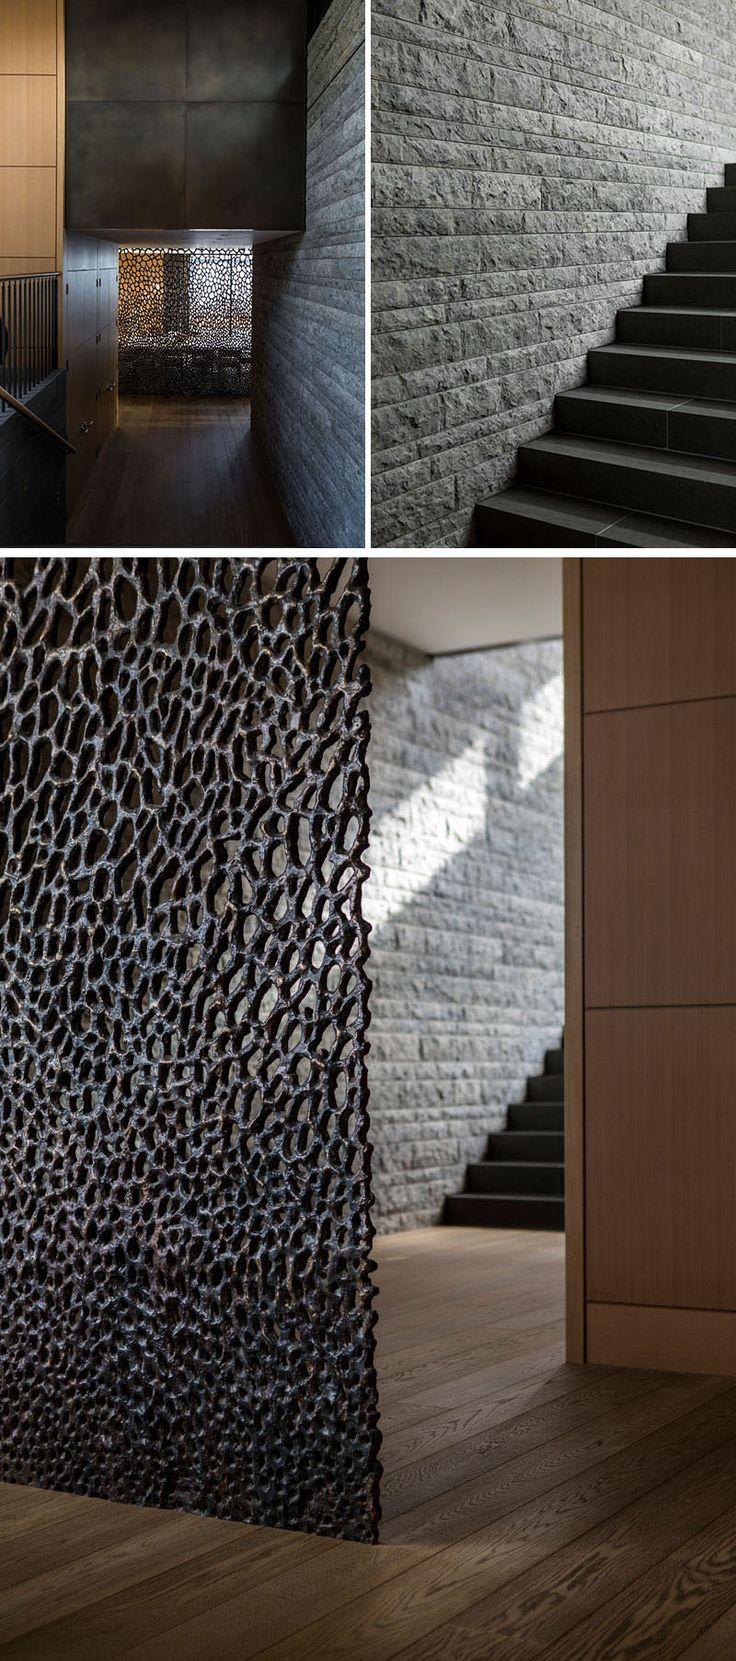 dallage-pierre-grise- cage-escalier-paravent-décoratif